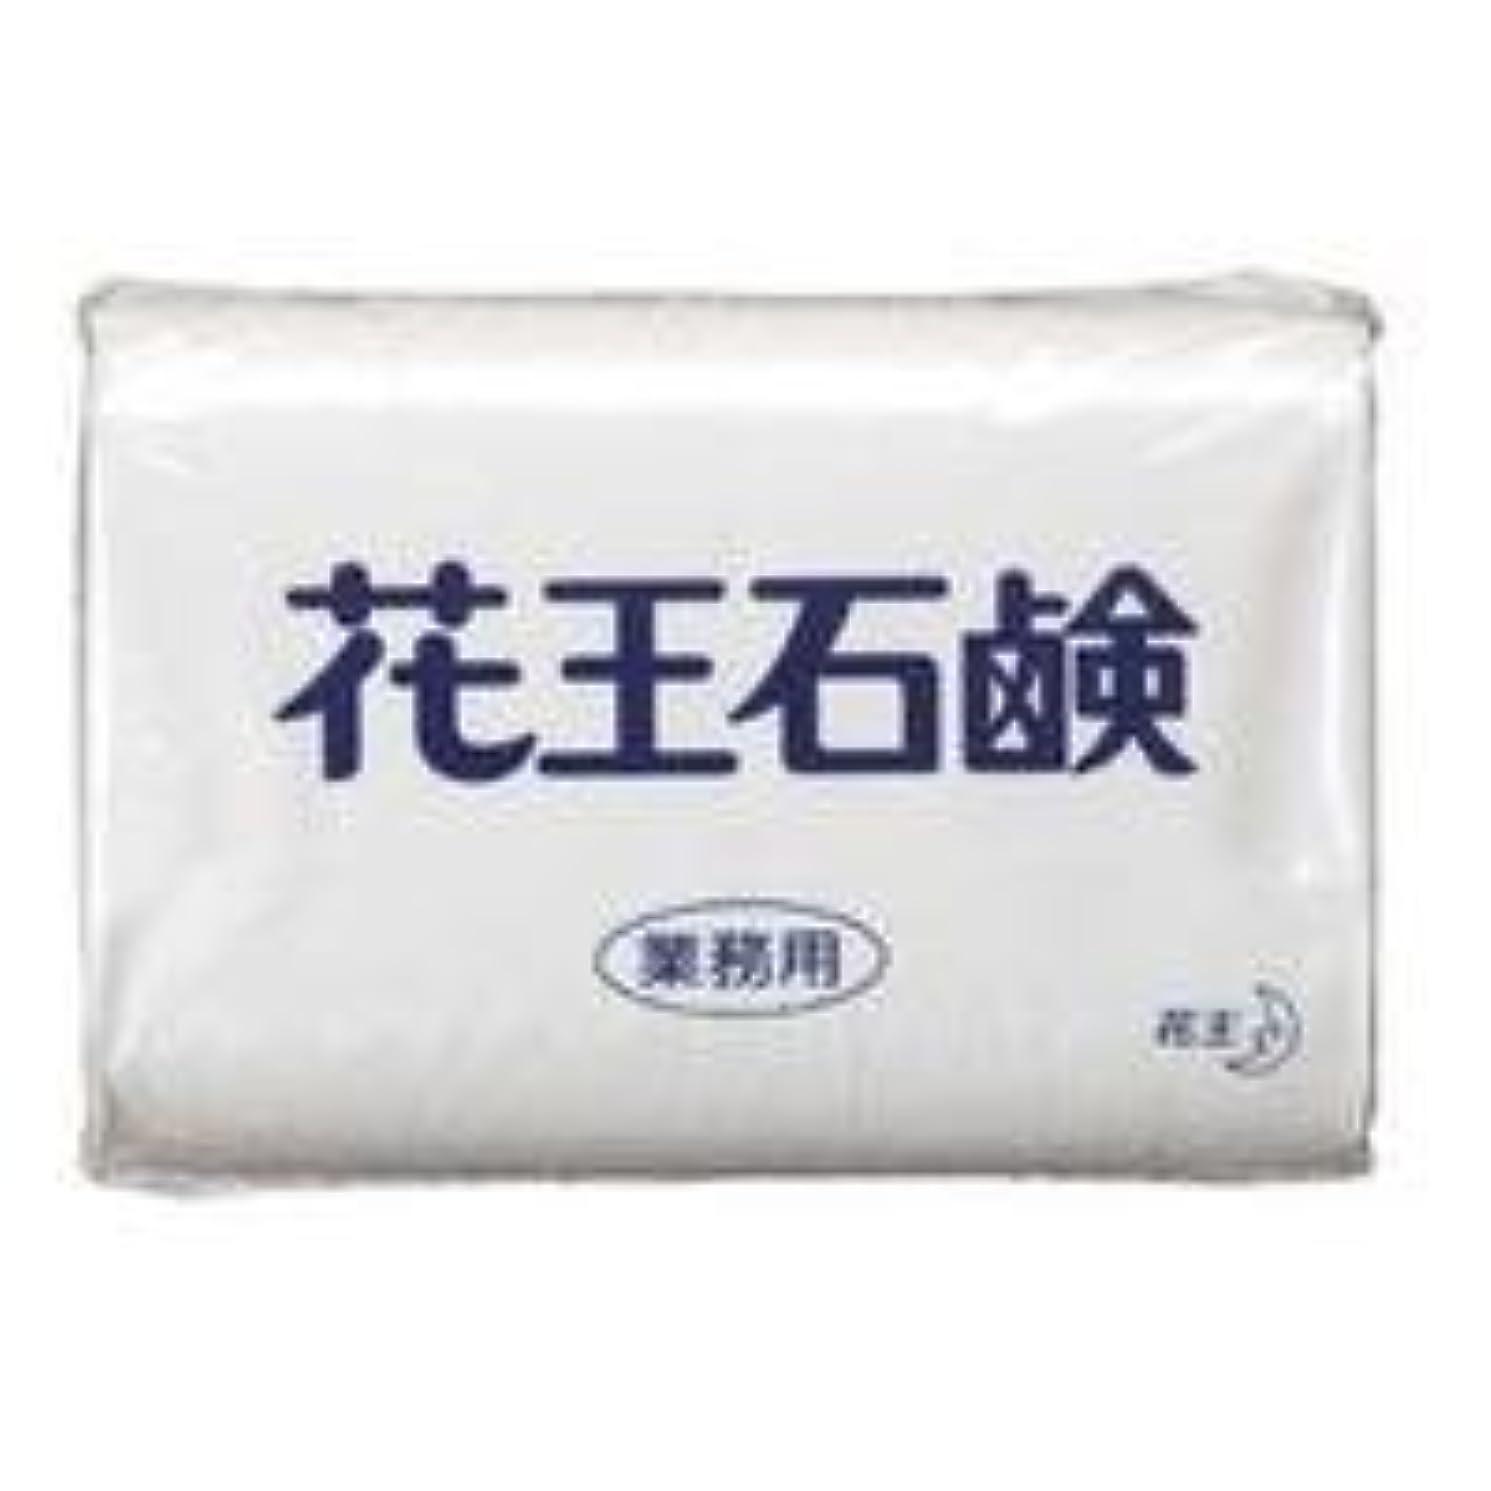 名門飢えオーストラリア人業務用石鹸 85g 3個×40パック(120個入り)